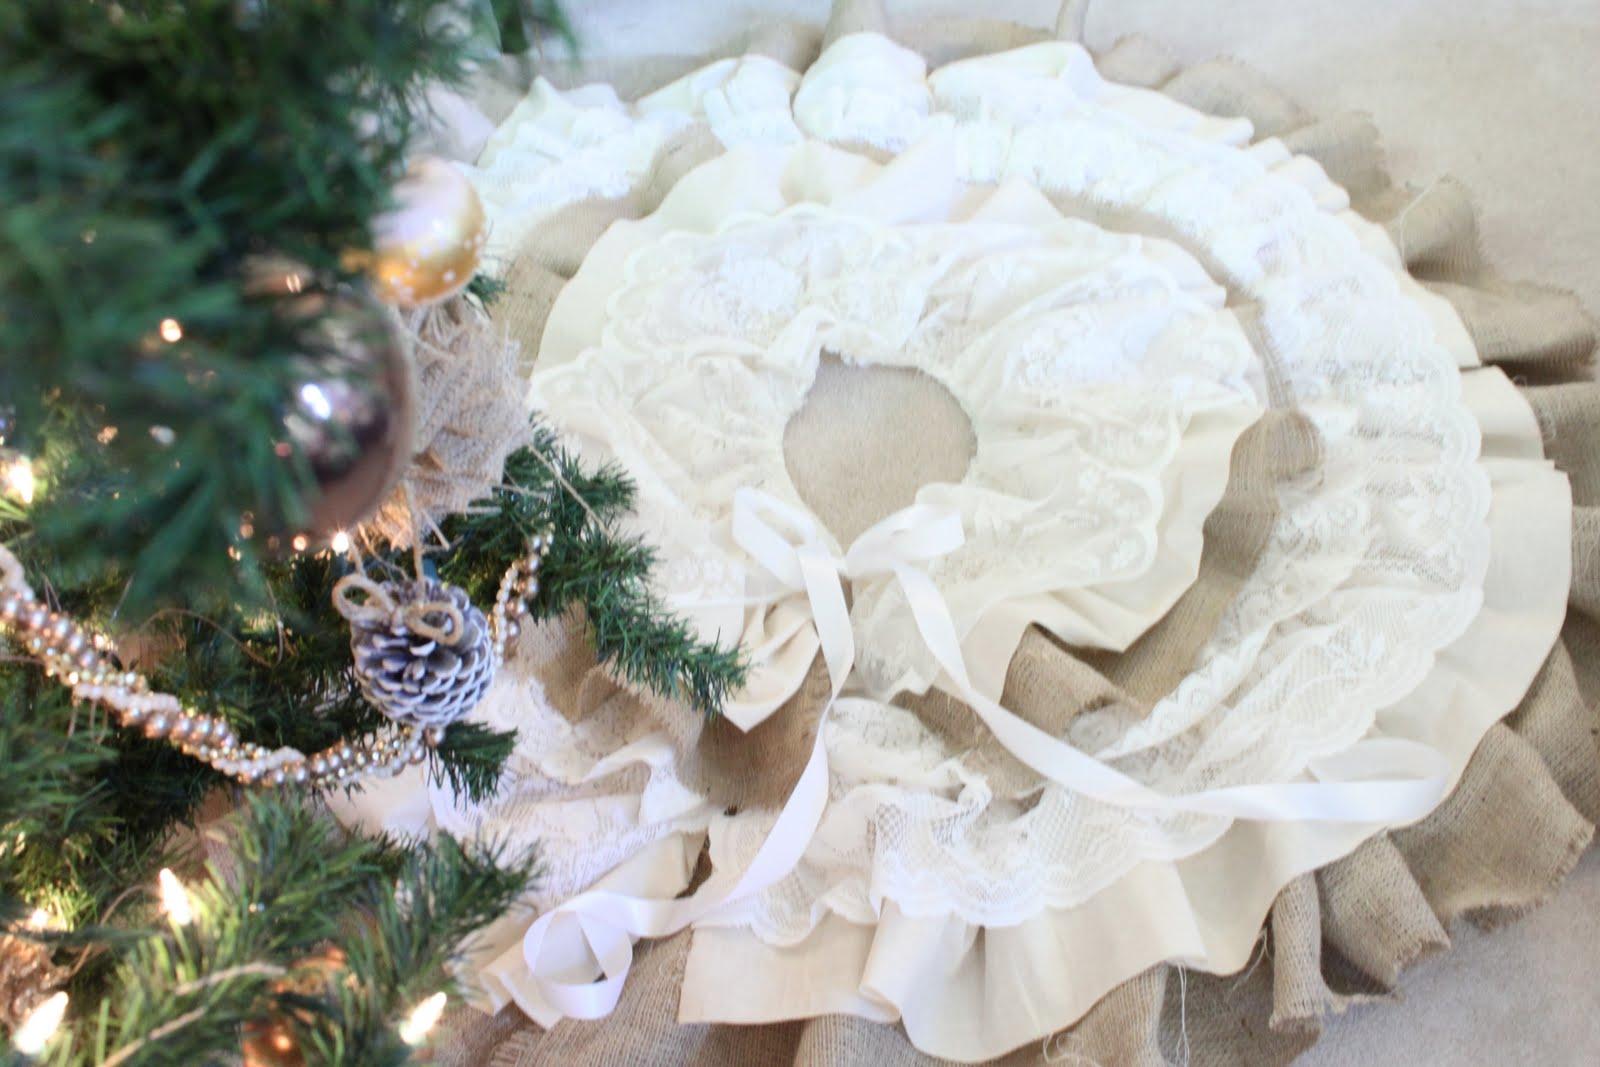 φουστα για χριστουγεννιατικο δεντρο, ραψτε βαση, diy, οδηγιες